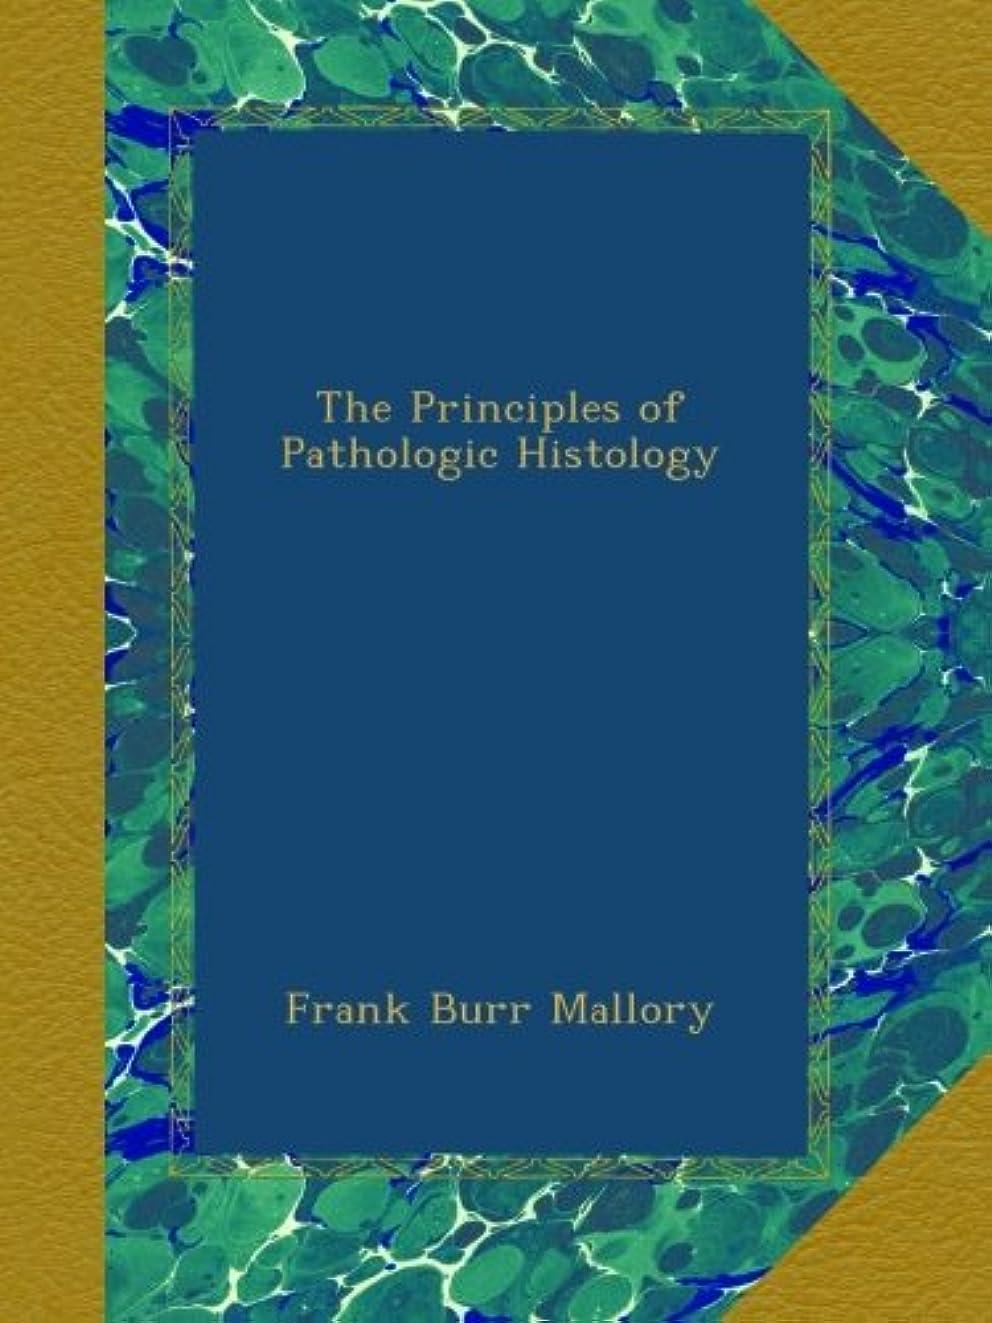 発疹排除する発疹The Principles of Pathologic Histology